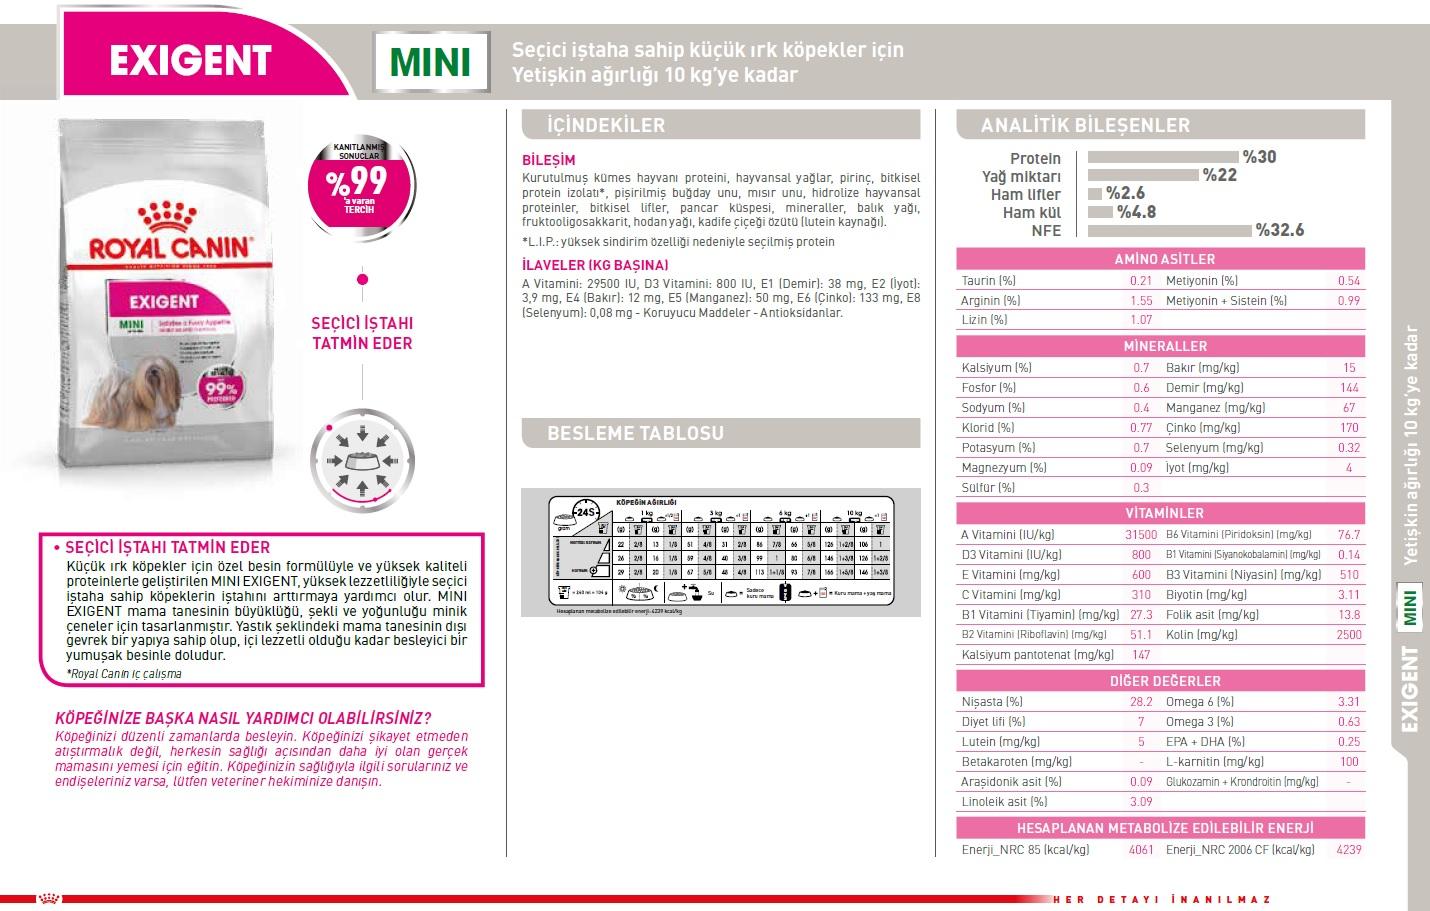 miniexigent.jpg (384 KB)